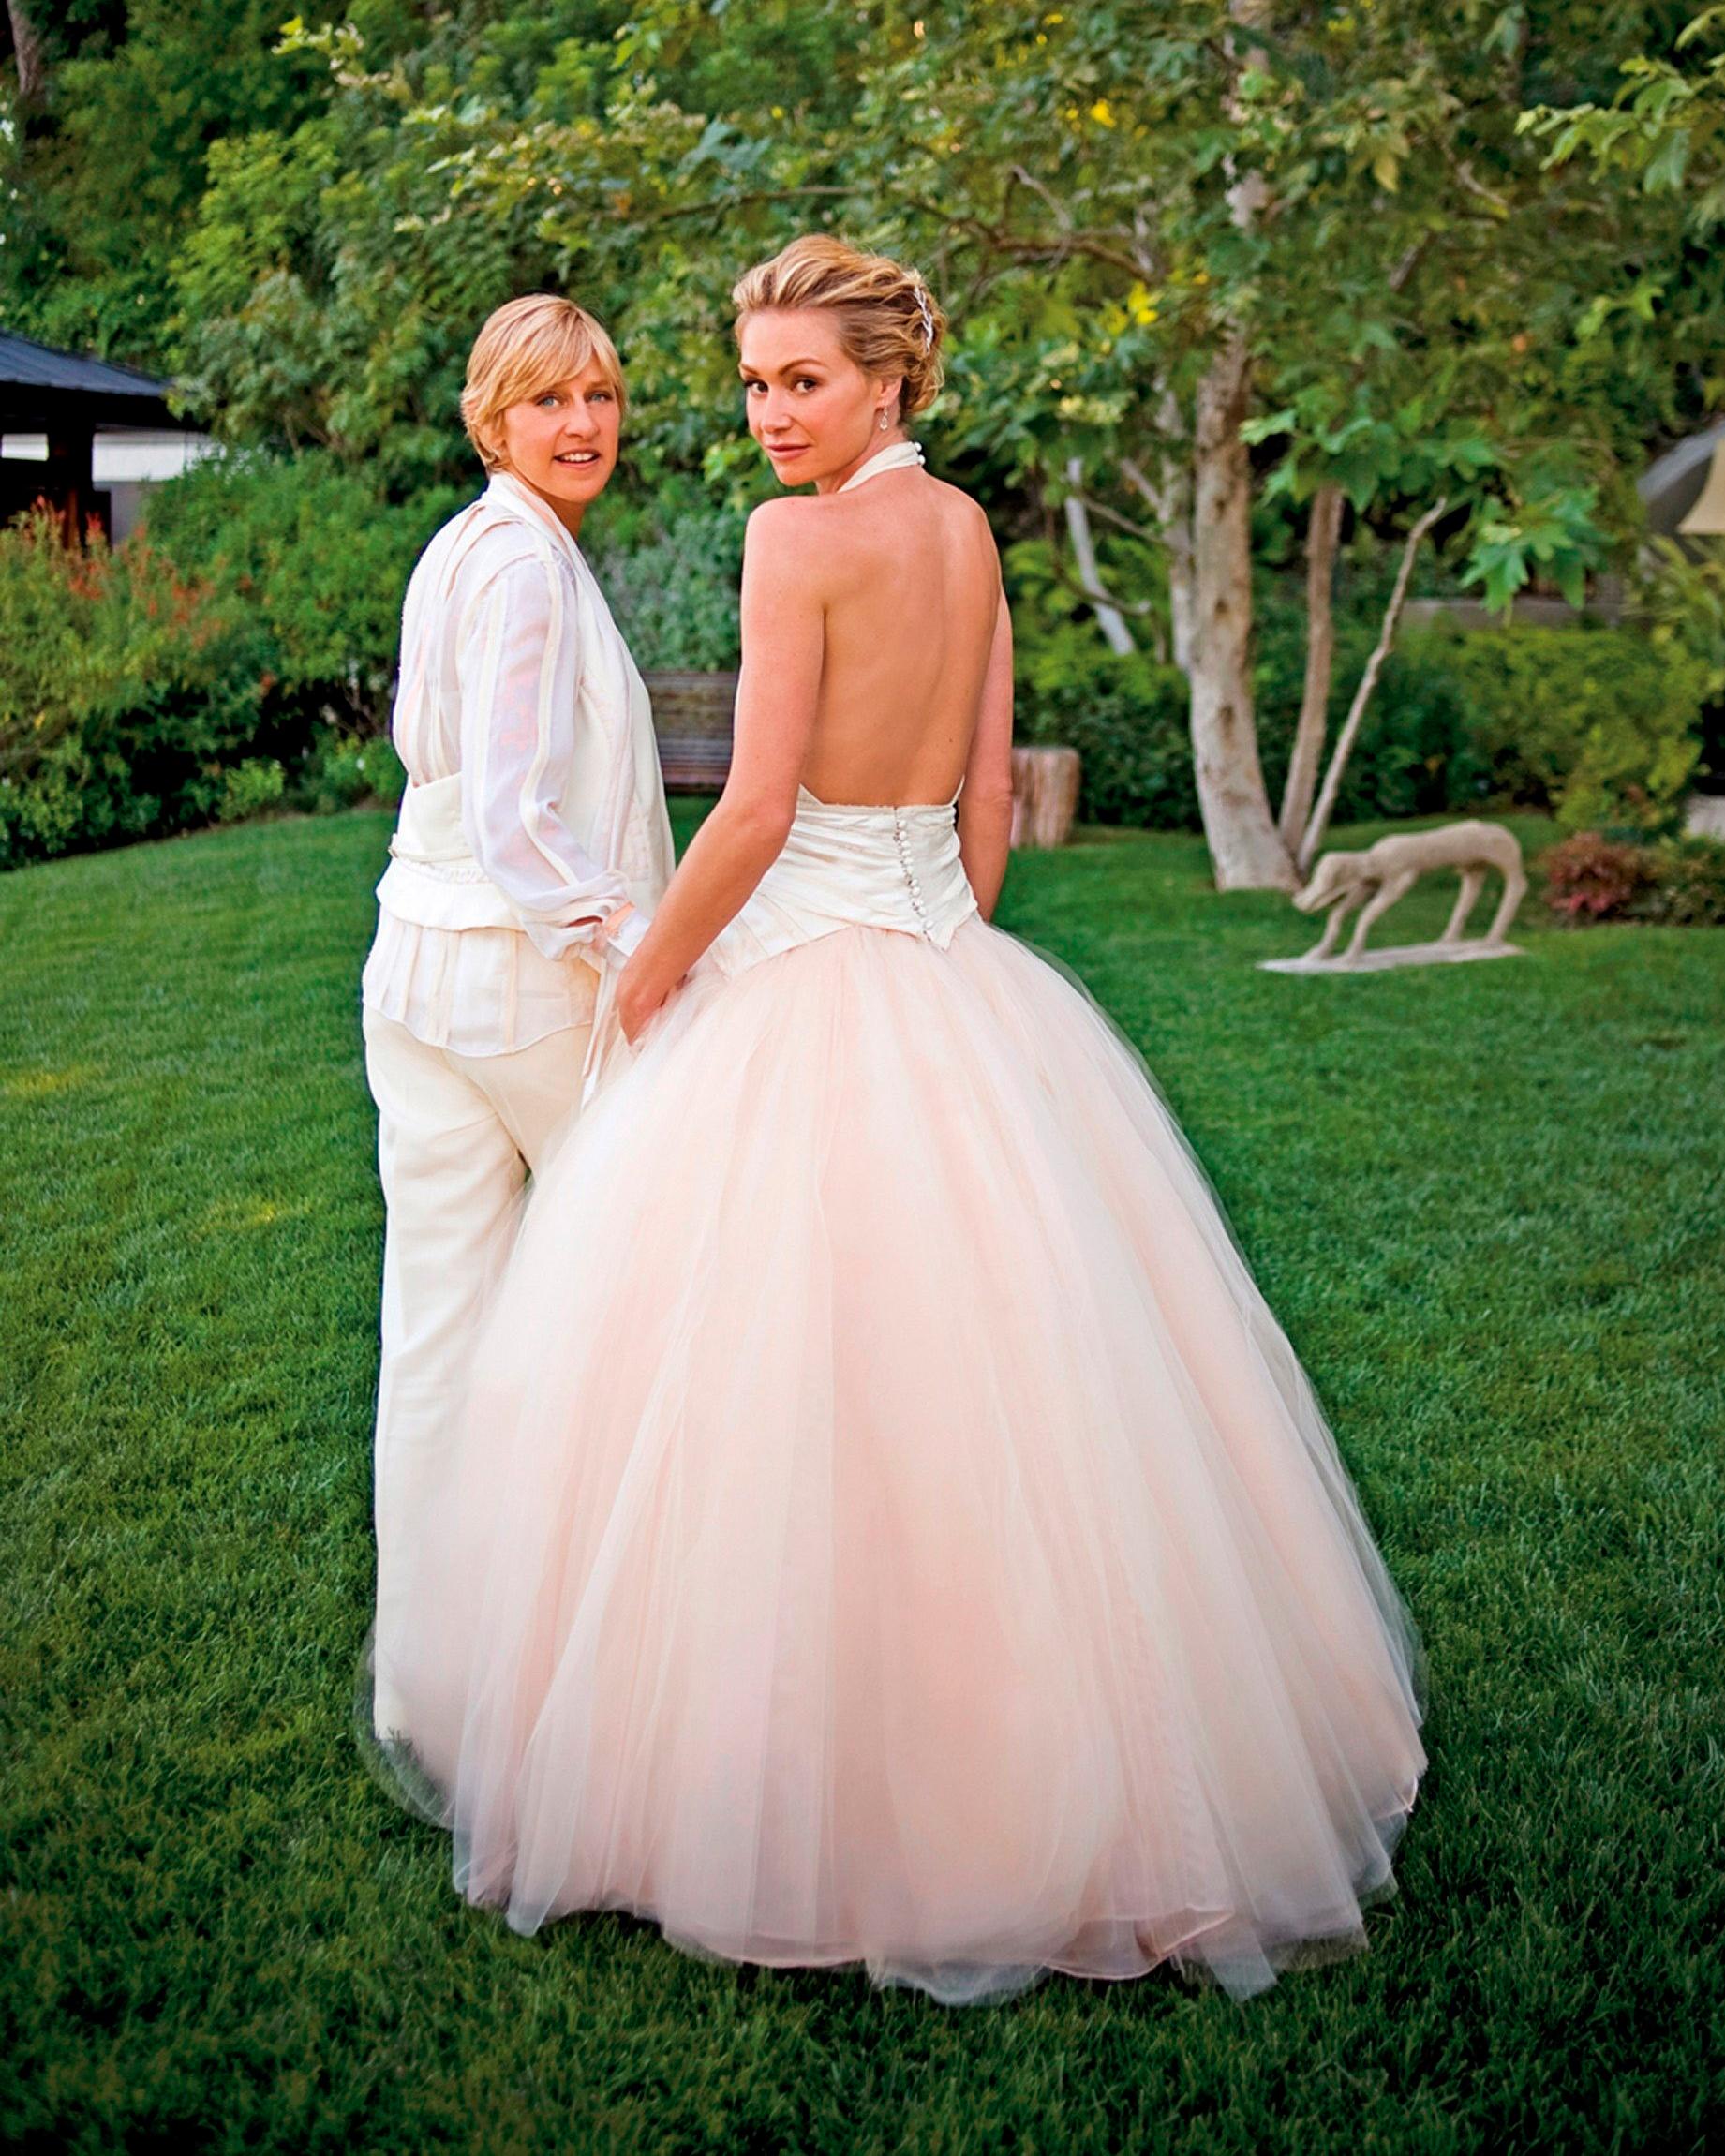 Ellen Degeneres Gave Fans A Closer Look At Her Wedding To Portia